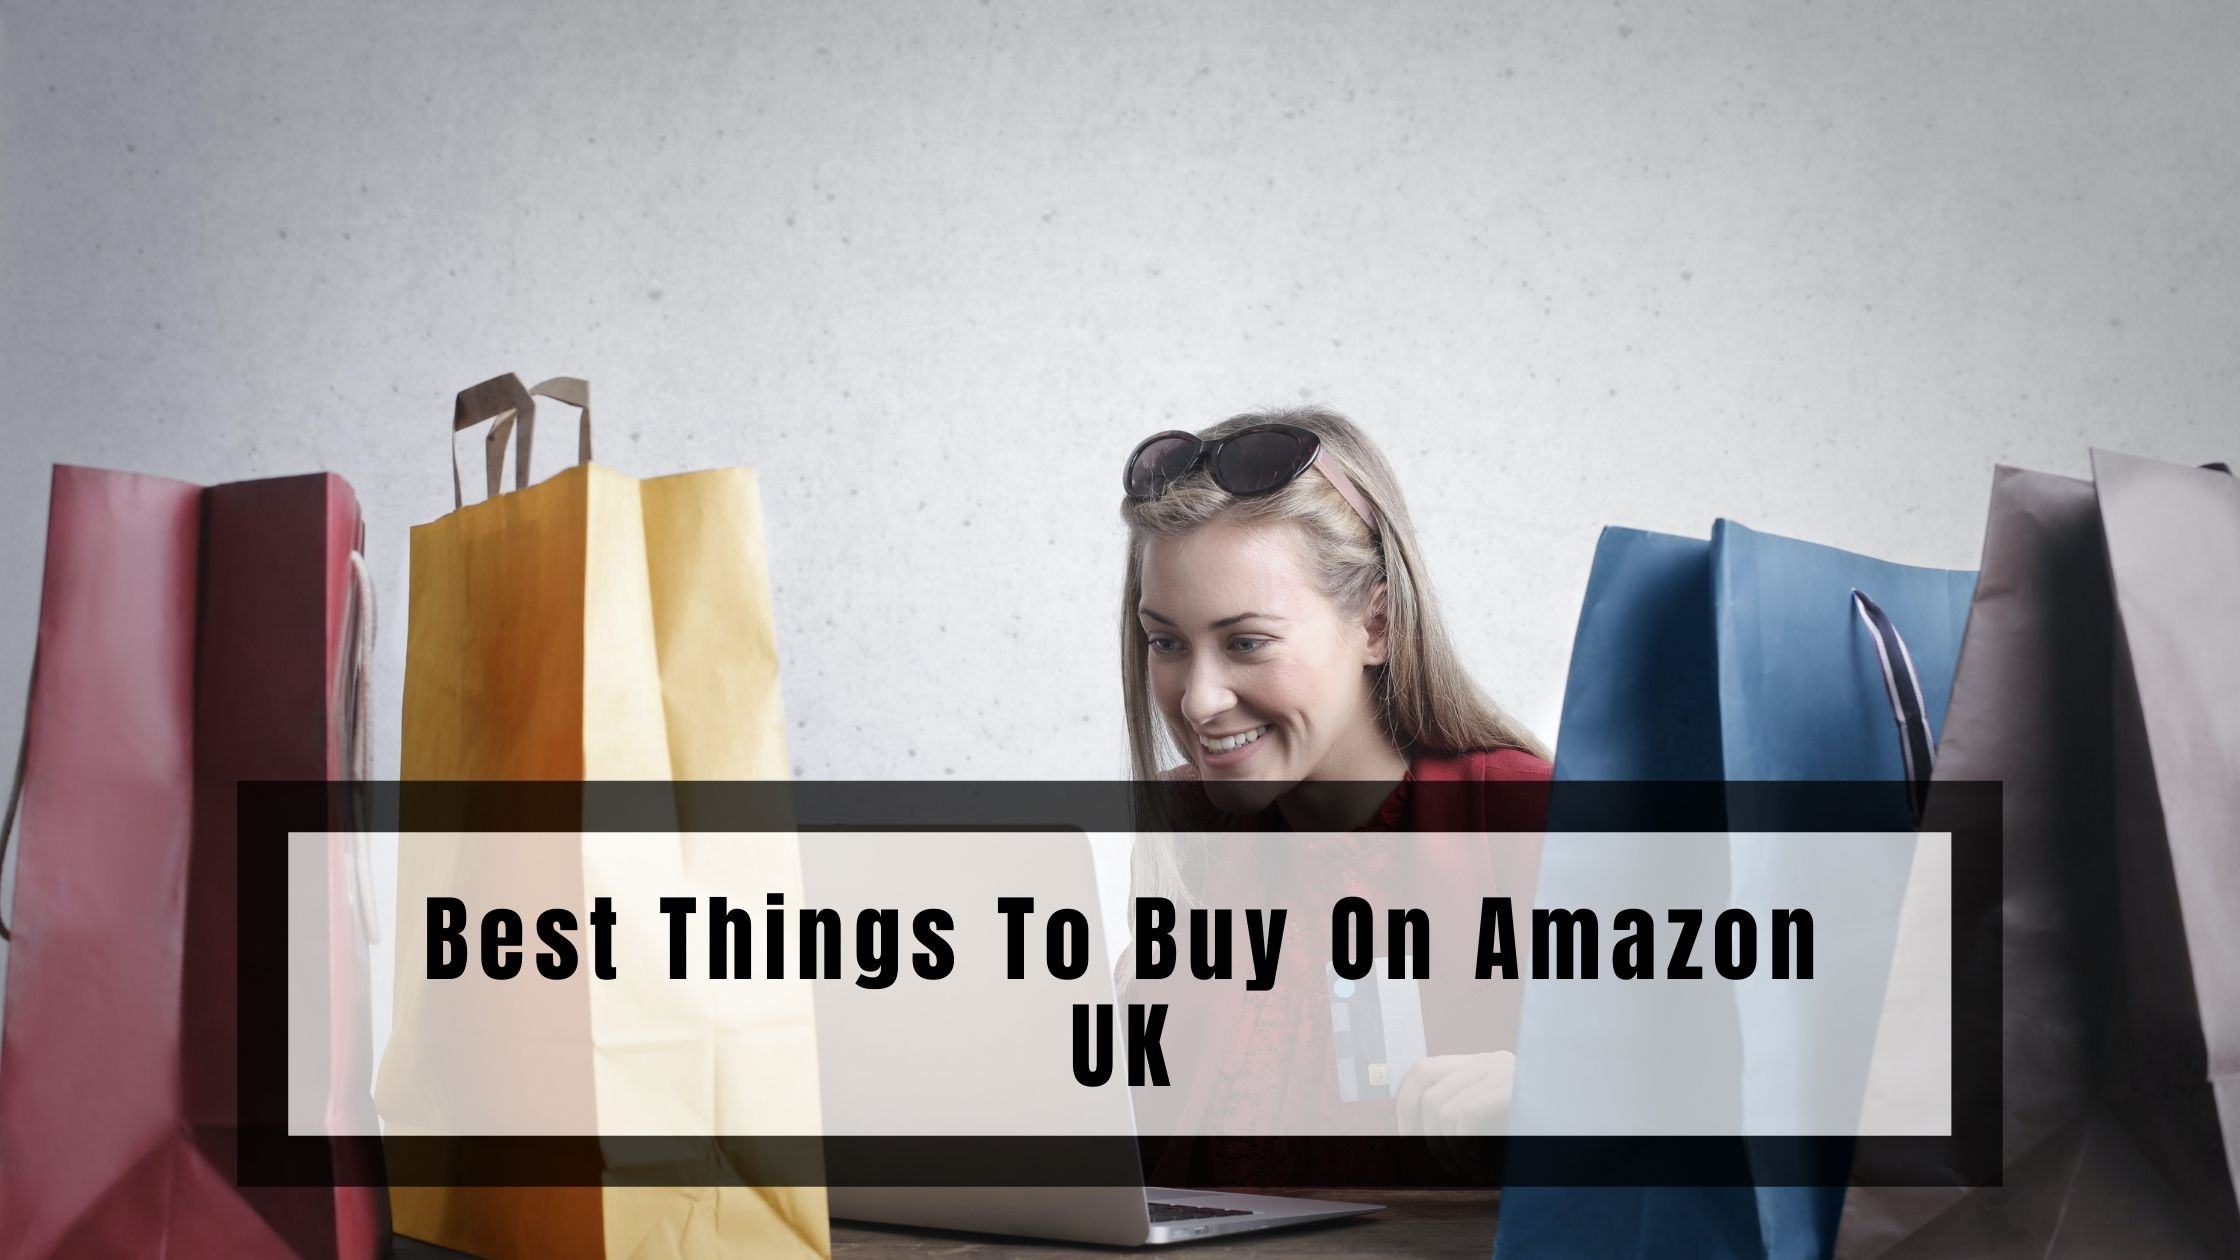 Best Things To Buy On Amazon UK